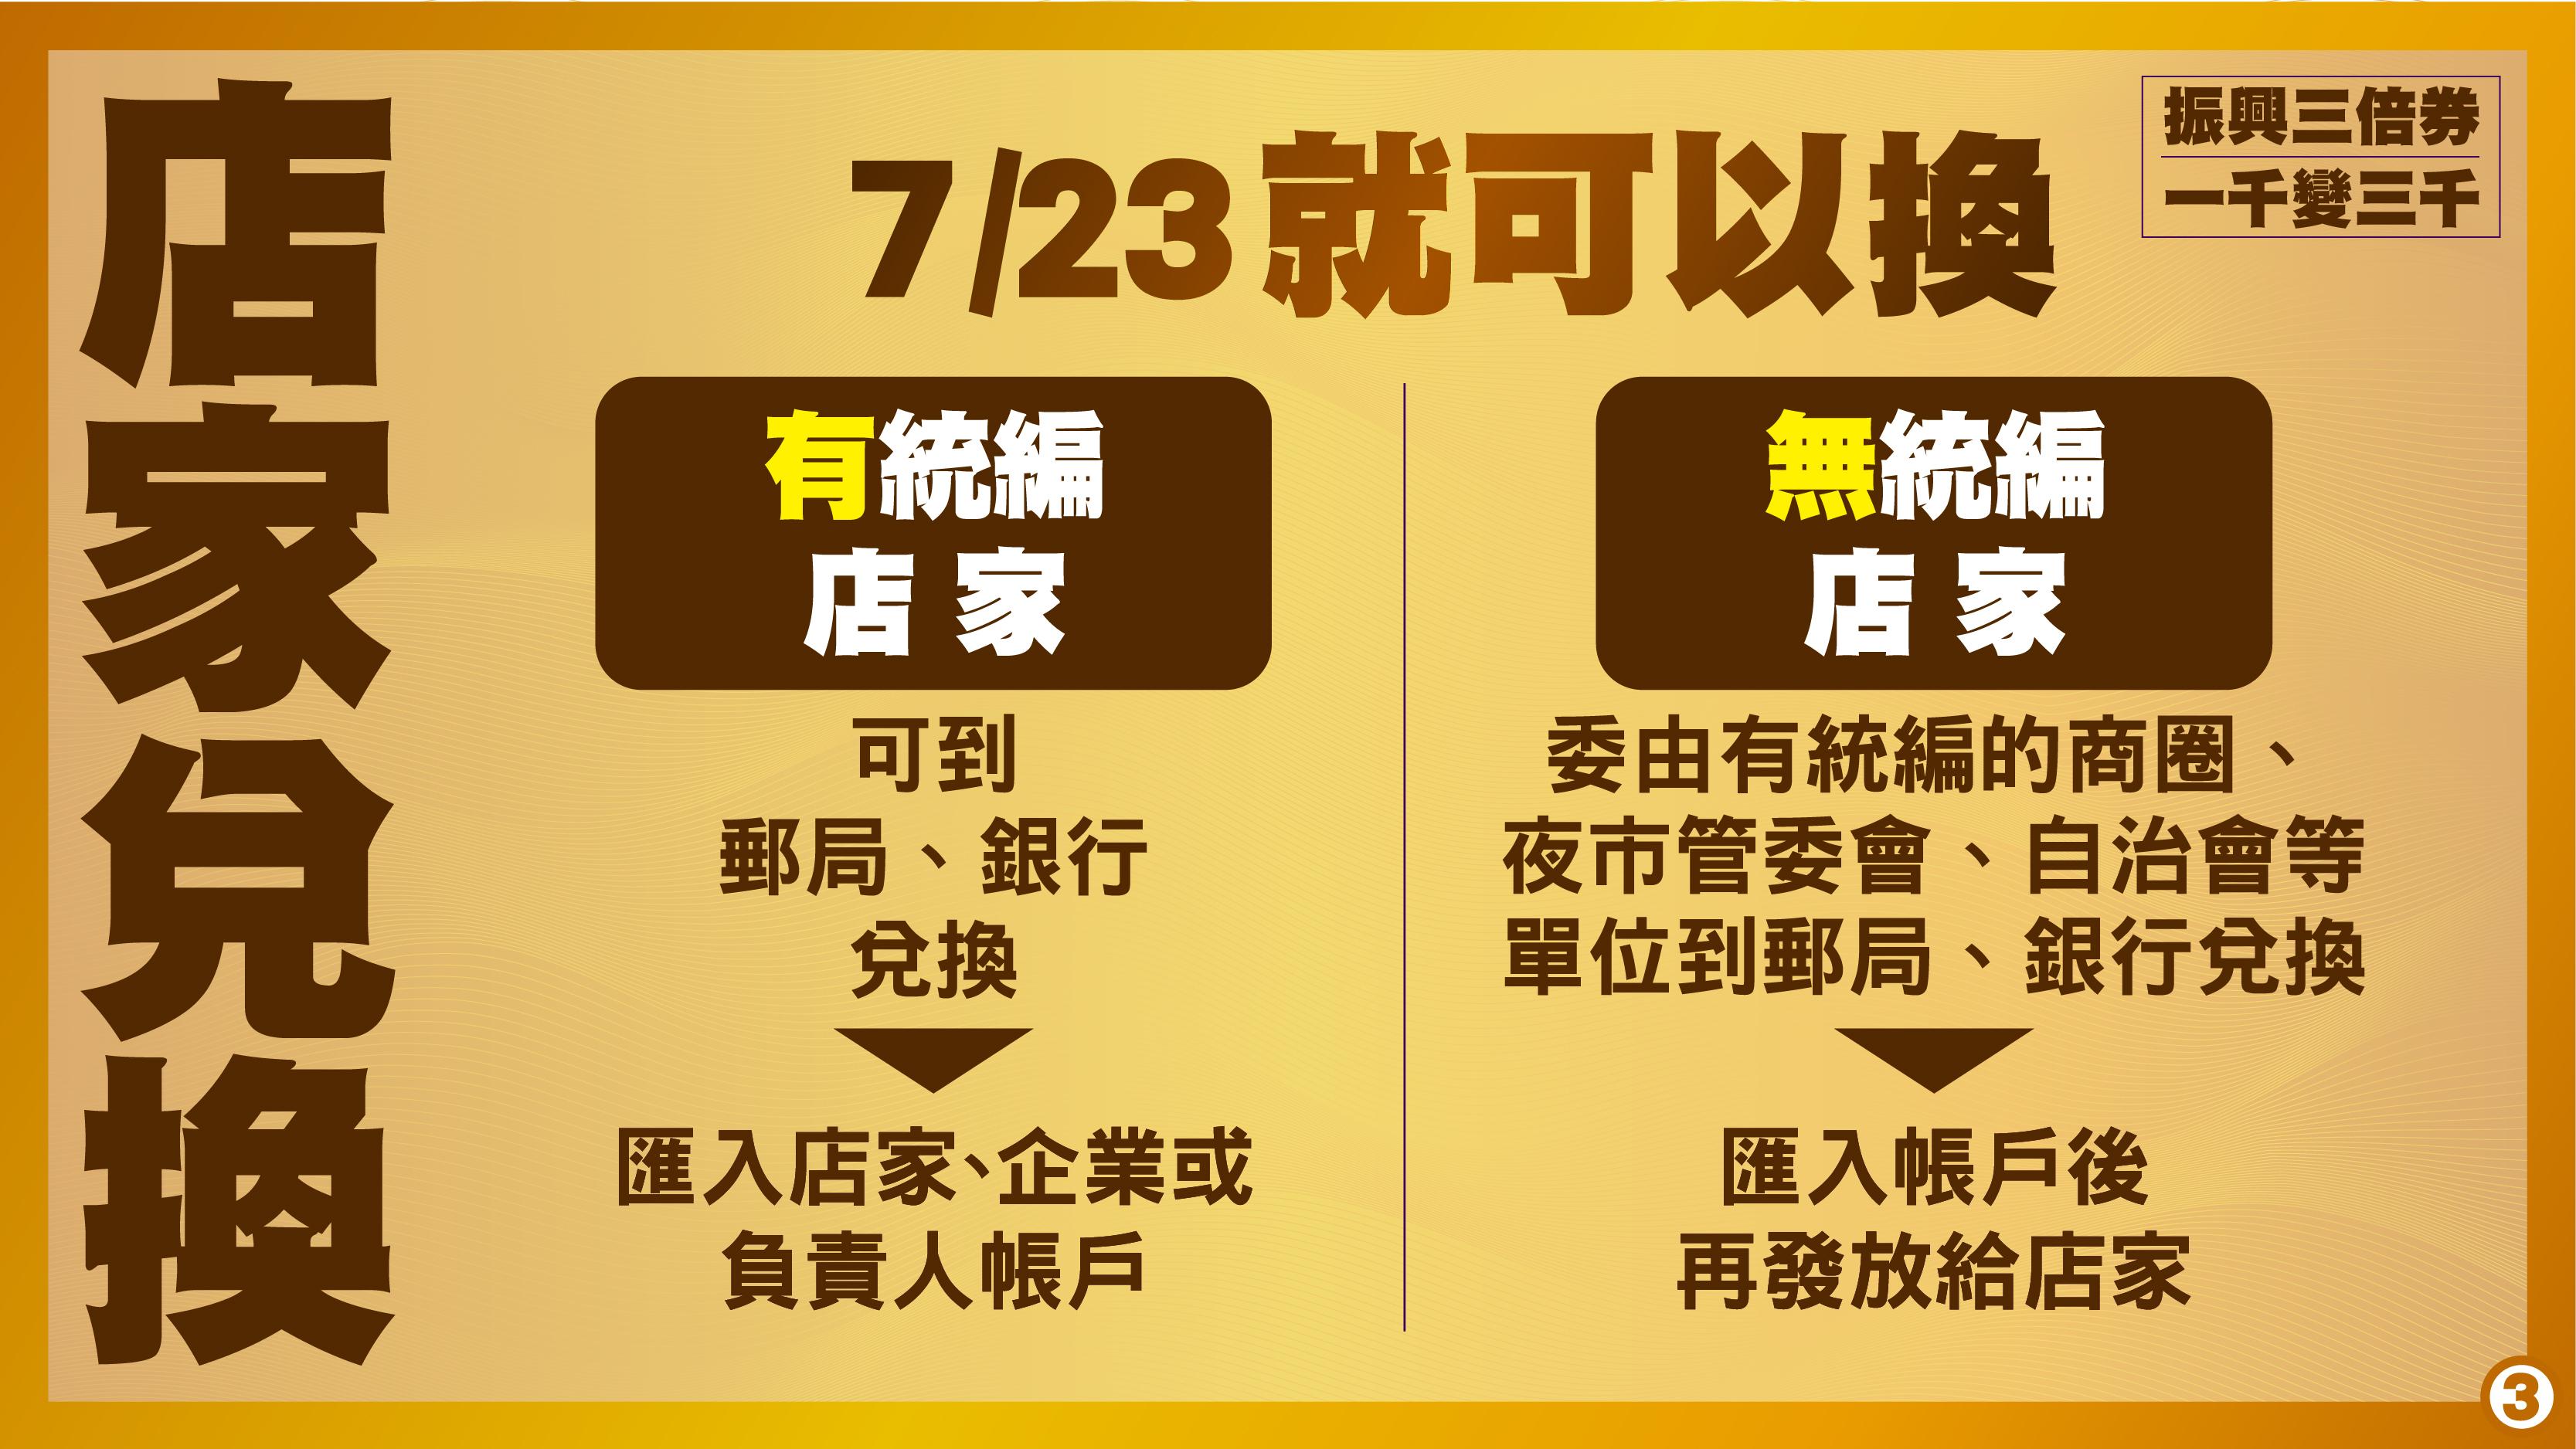 7/23起店家即可兌領消費券,有統編或無統編店家皆可兌領